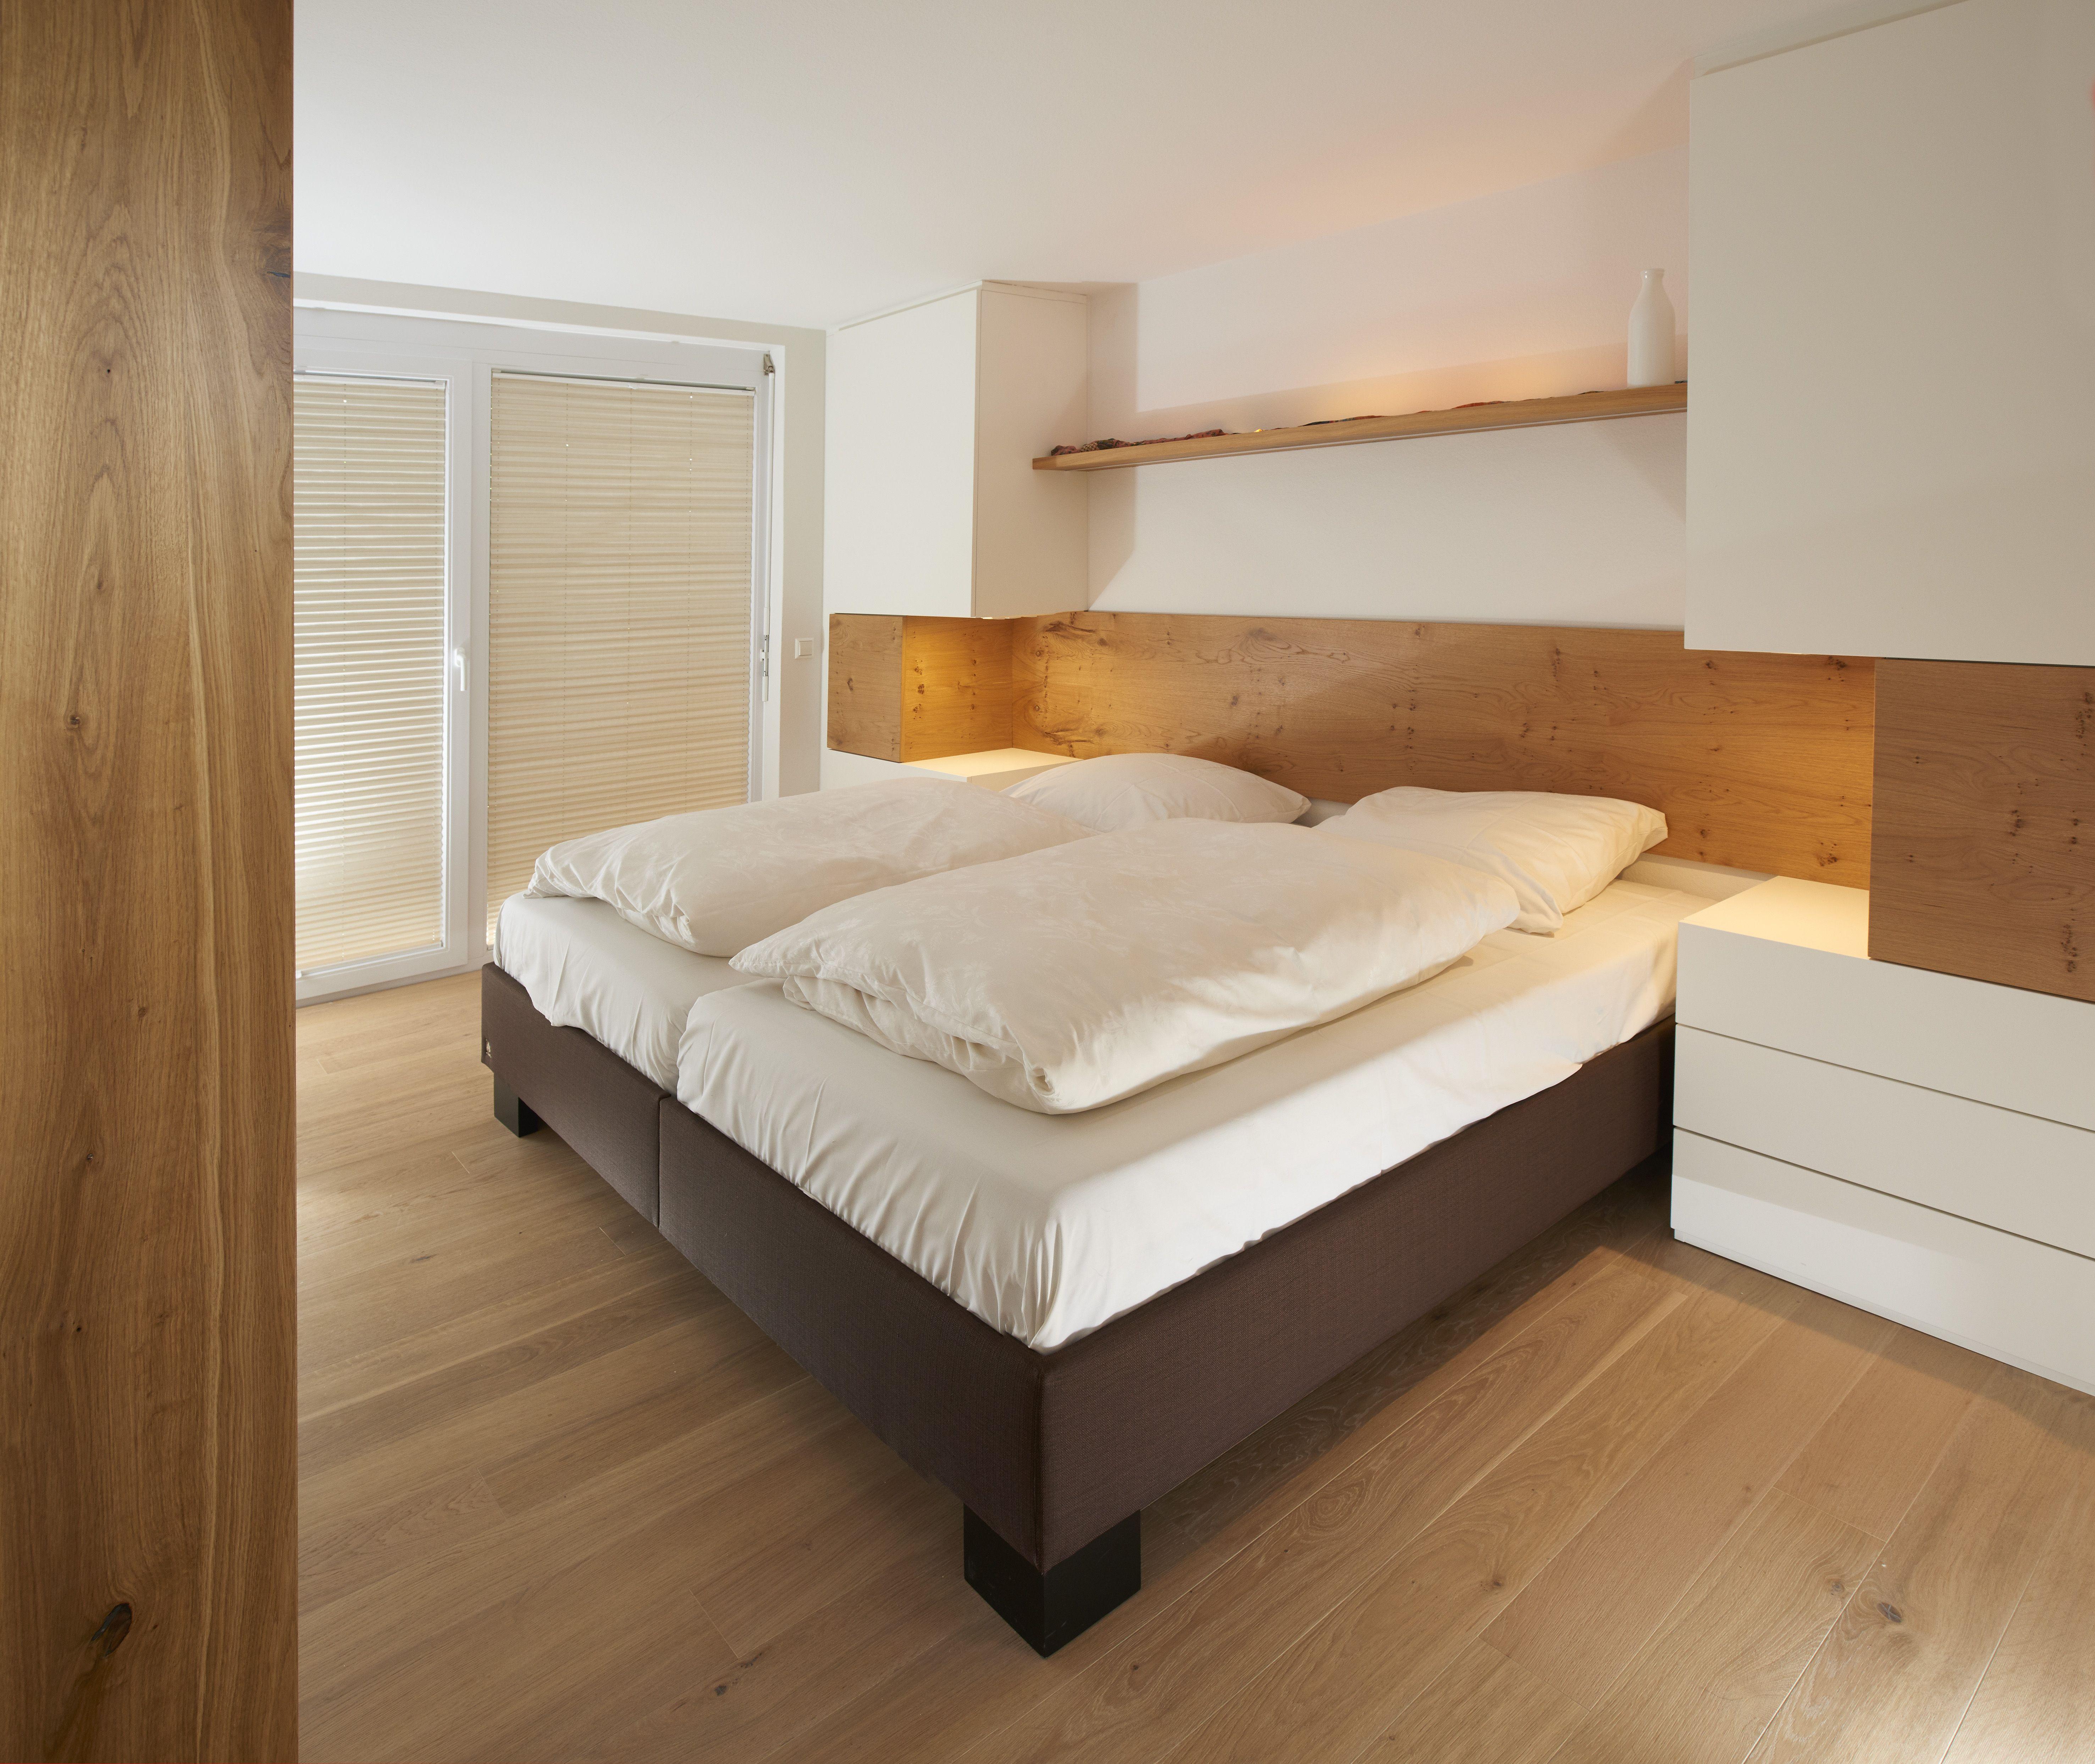 In Diesem Schlafzimmer Ist Das Betthaupt Aus Eiche Furnier In Astiger Ausfuhrung Inkl Indirekter Led Beleuchtung Realisiert Ein Schlafzimmer Zimmer Haus Deko